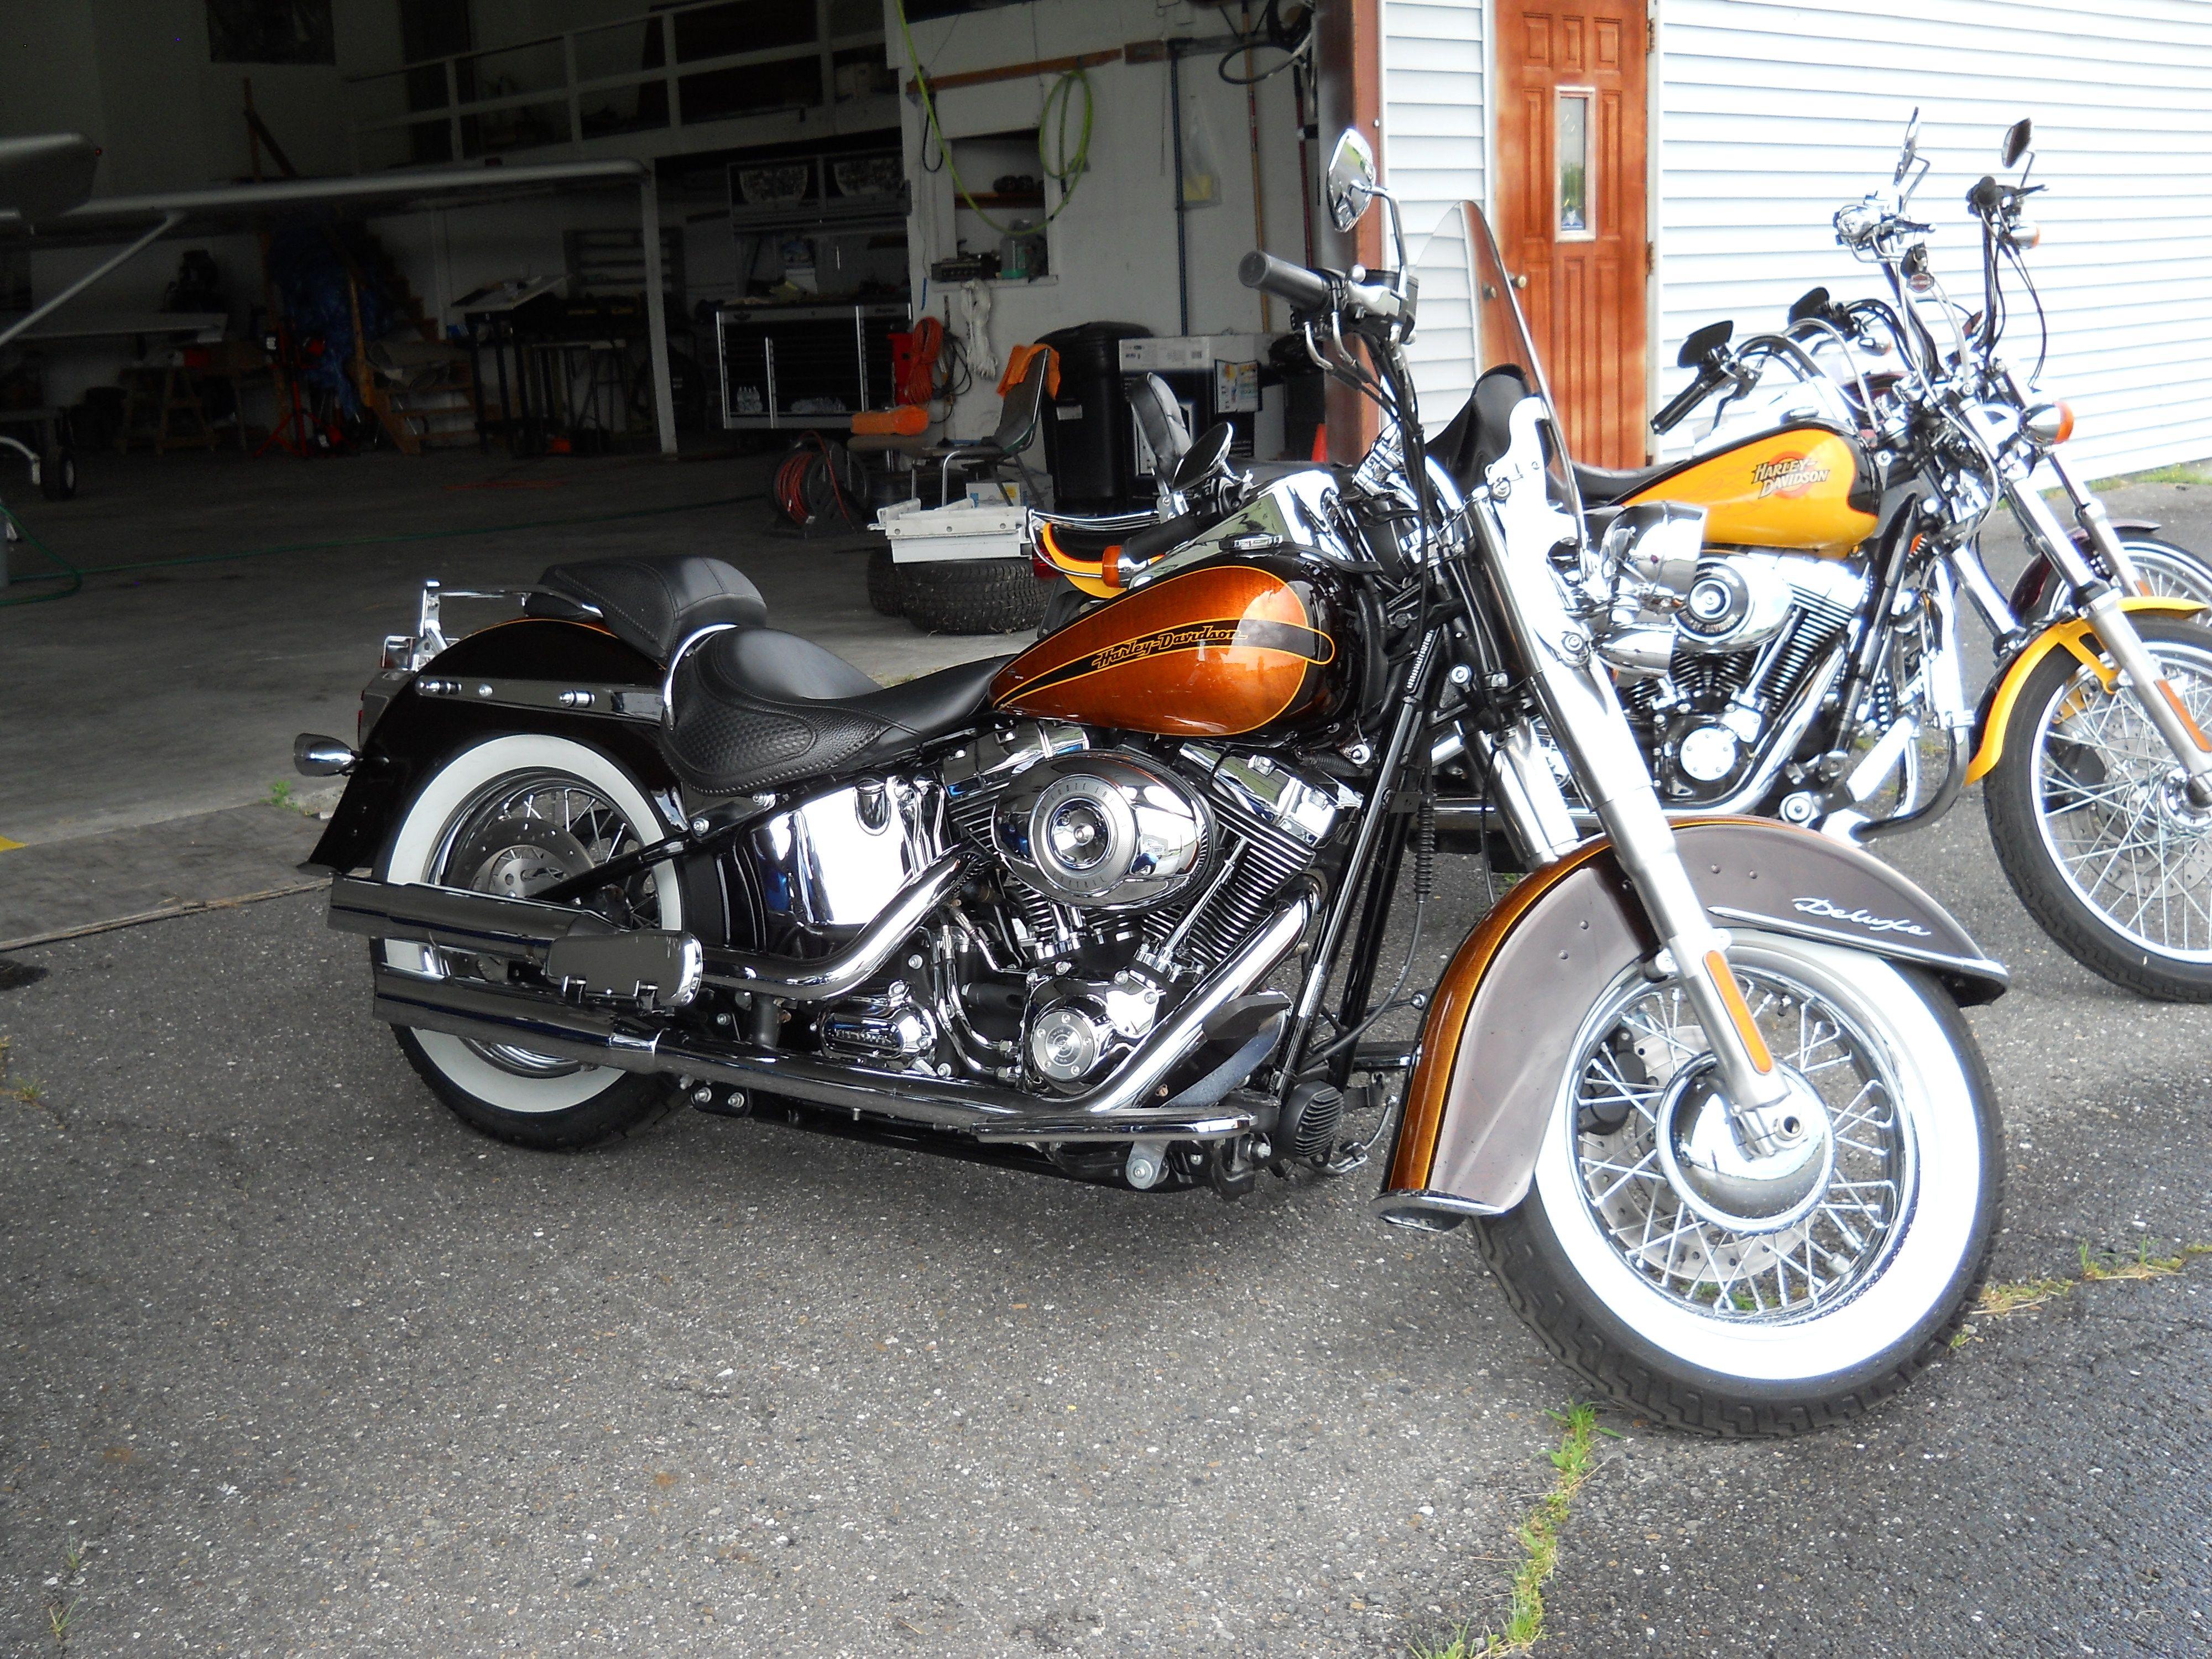 Cool Looking Orange,Yellow & Black Harley Davidson Motorcycle https